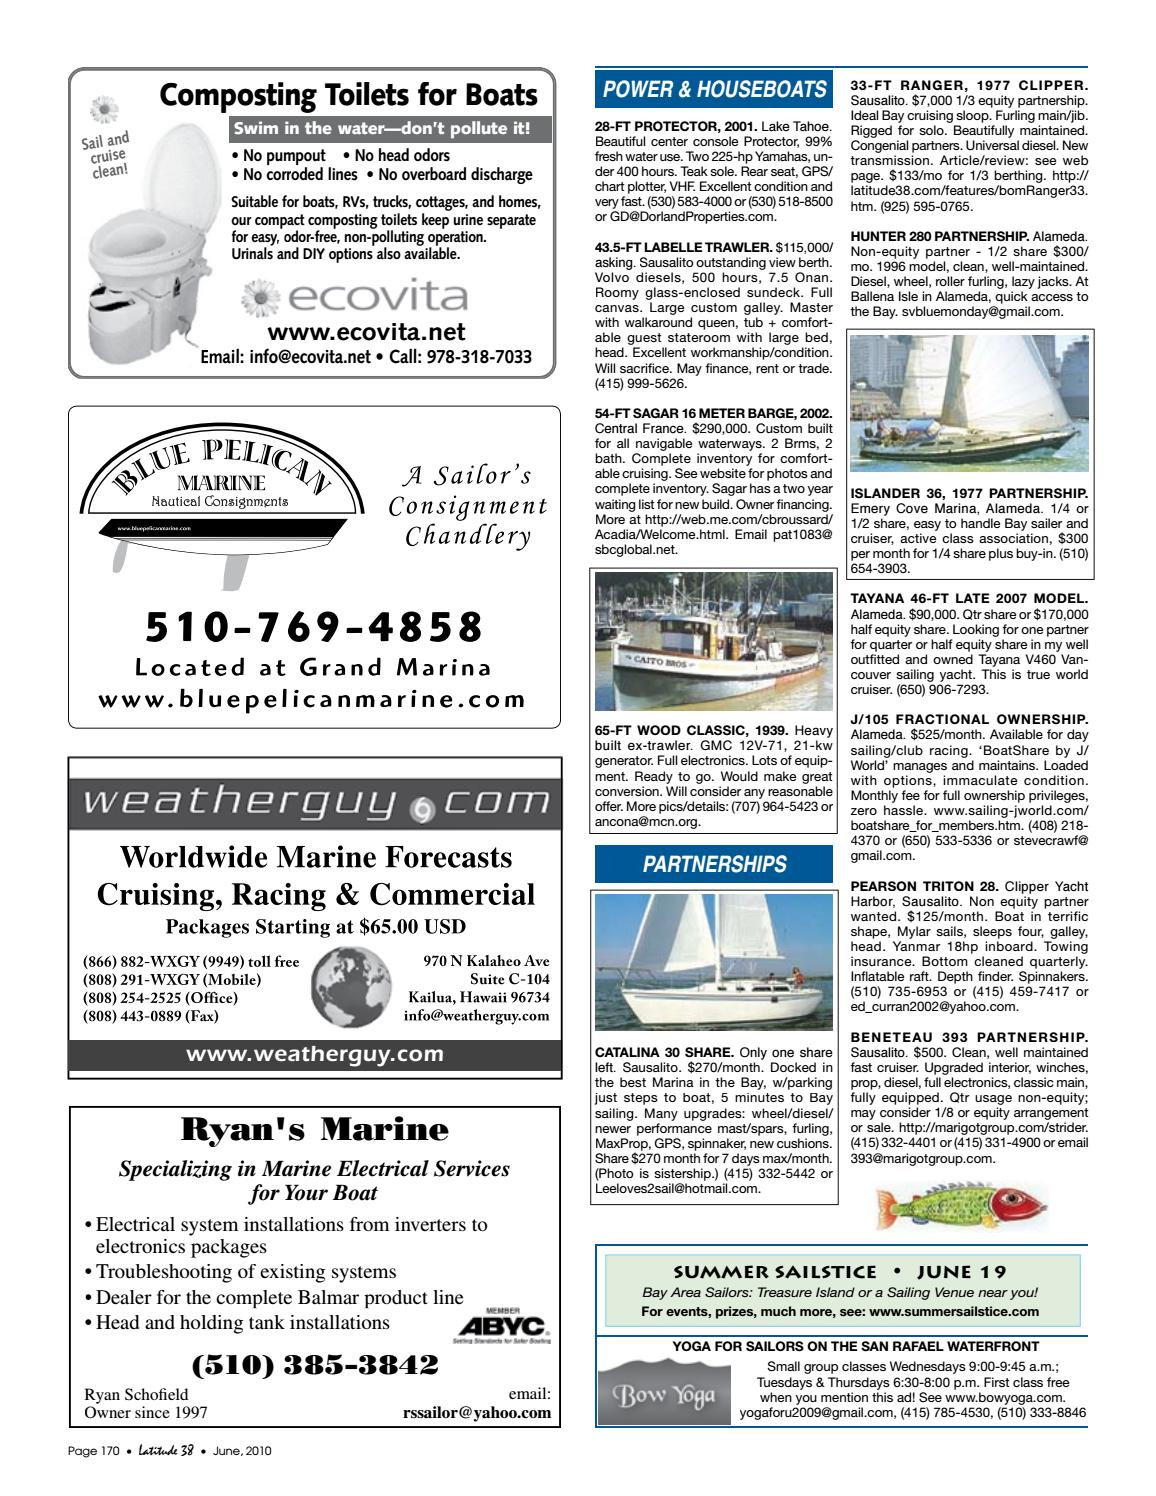 Latitude 38 June 2010 by Latitude 38 Media, LLC - issuu